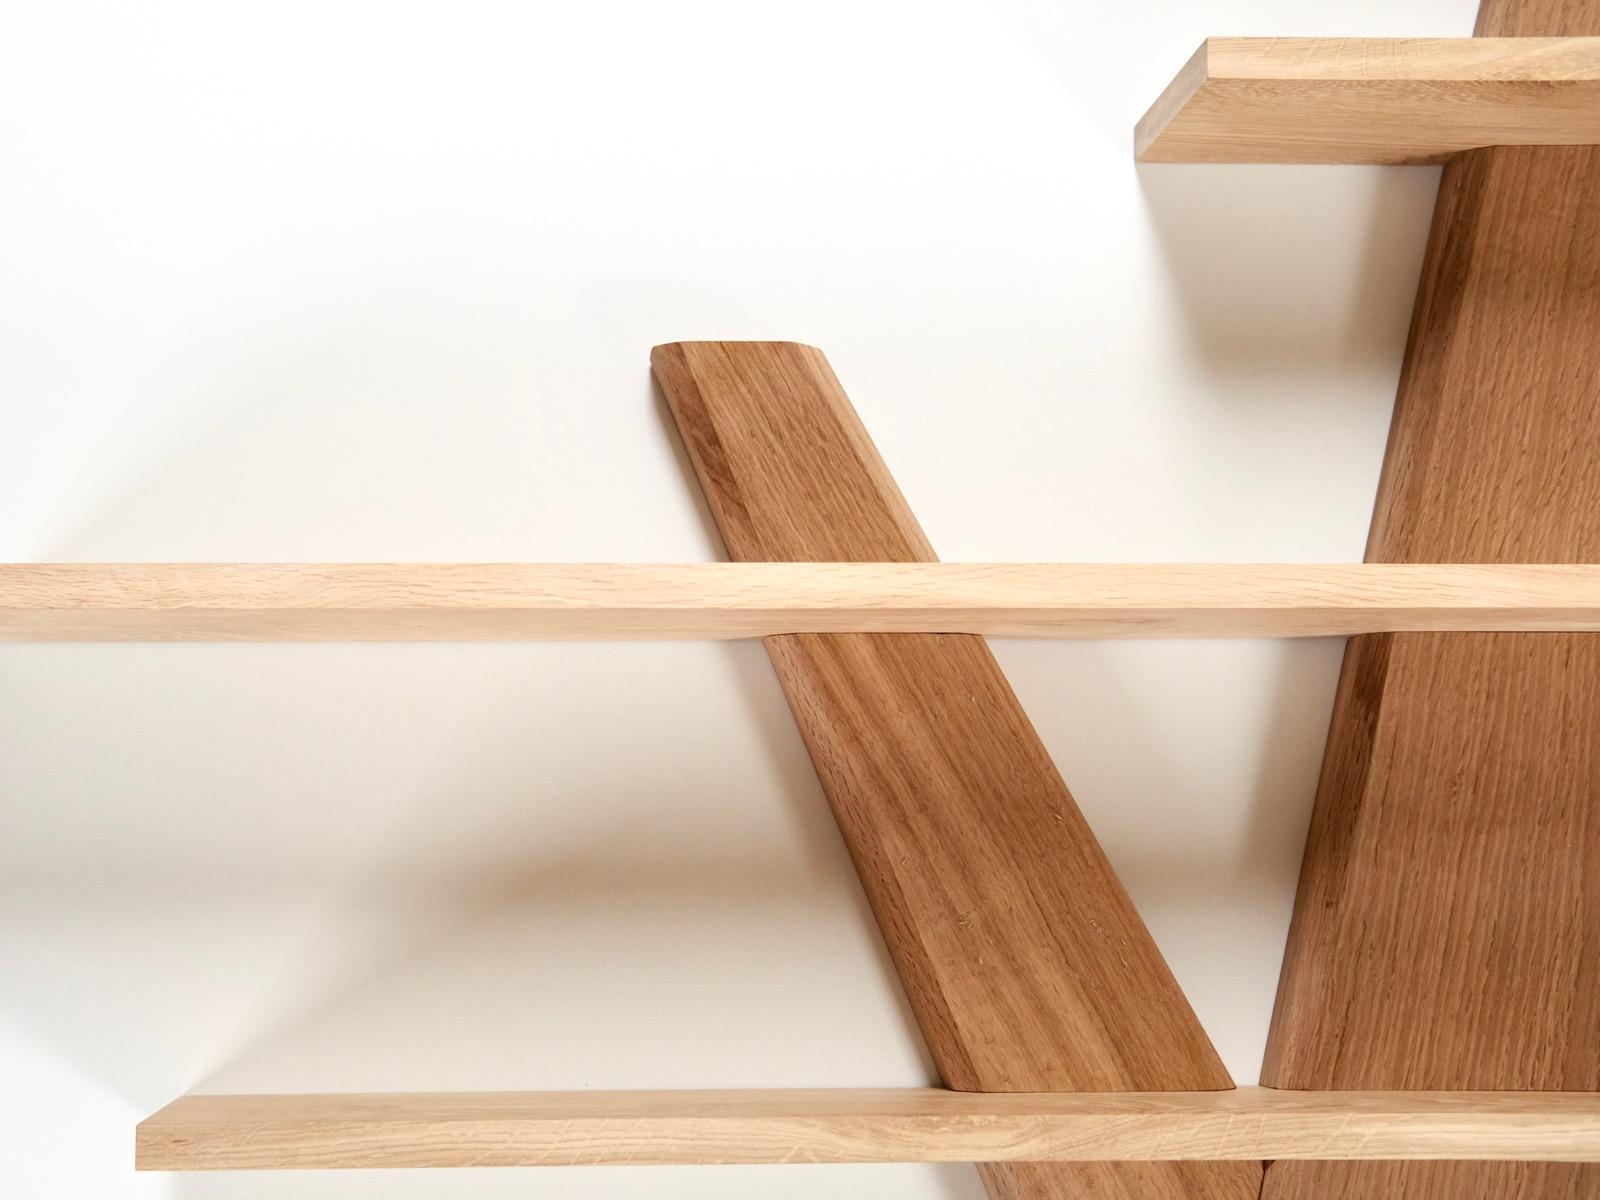 træ design hyldetræ   Hjuler.Design træ design